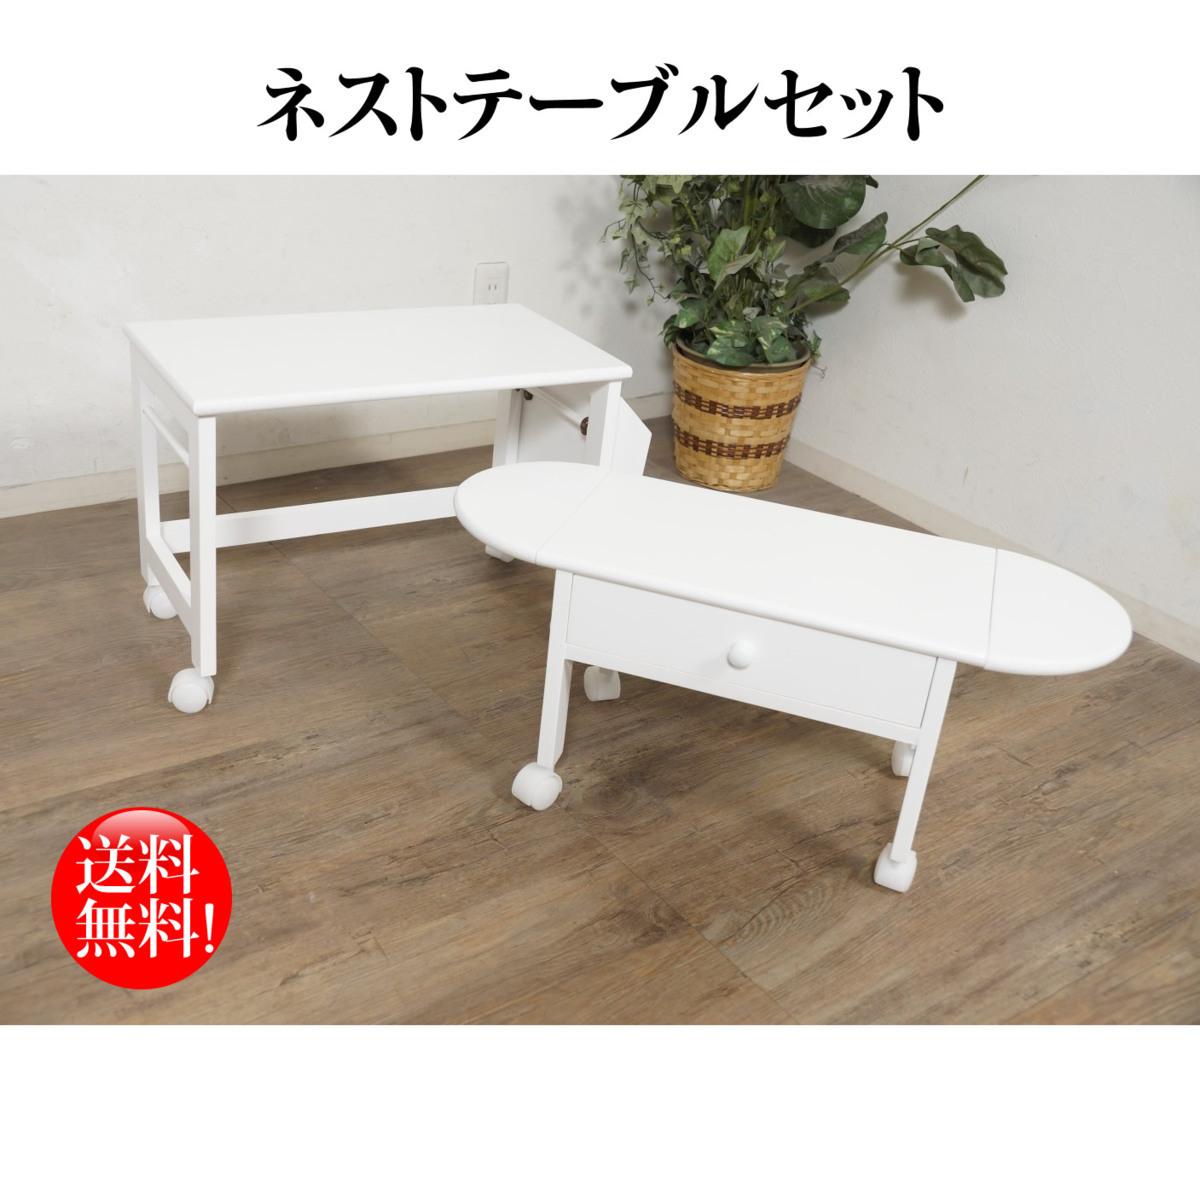 送料無料【新品】コンパクトに収納! 2段 木製 パソコン テーブル アウトレット 家具_画像1